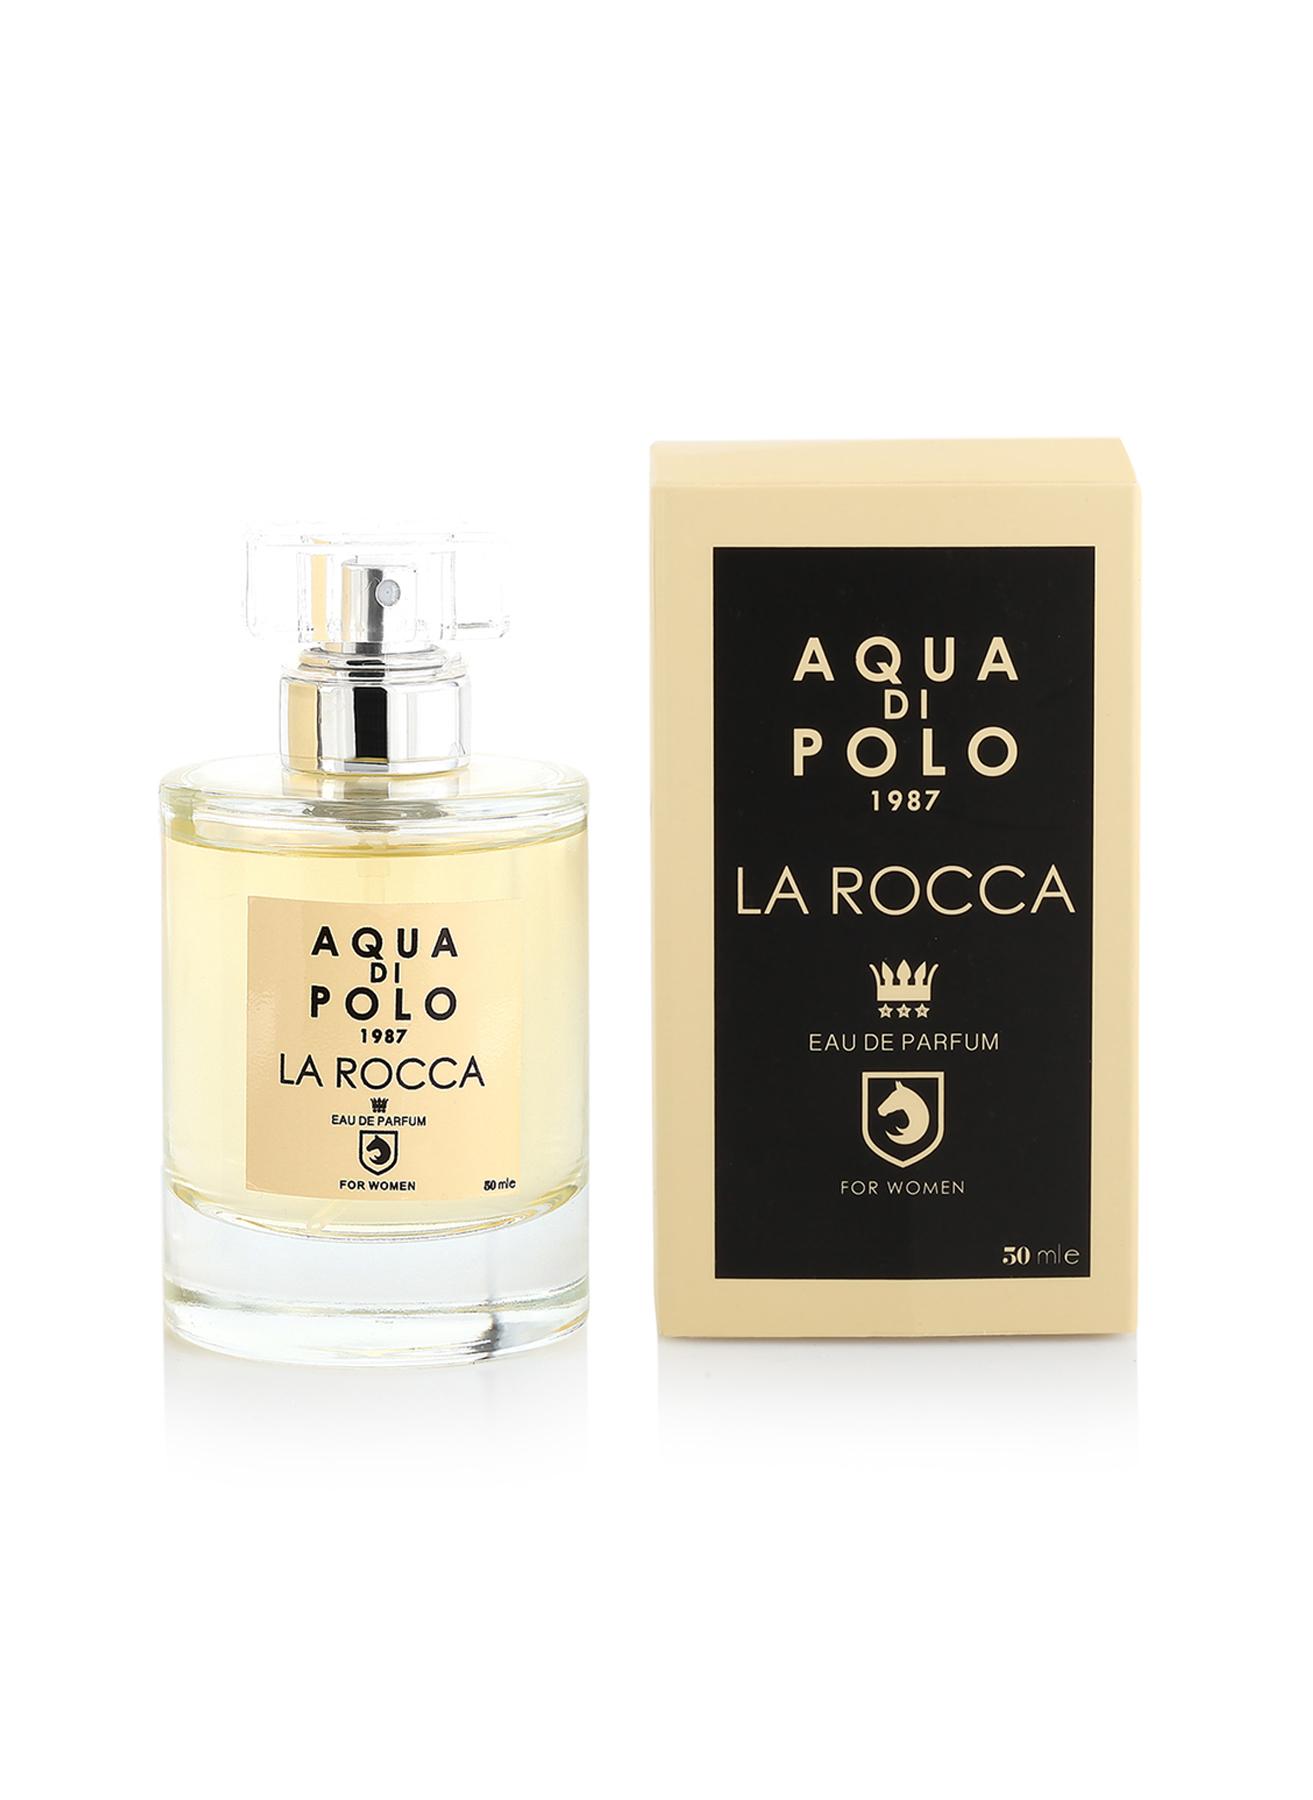 Aqua Di Polo 1987 La Rocca Parfüm